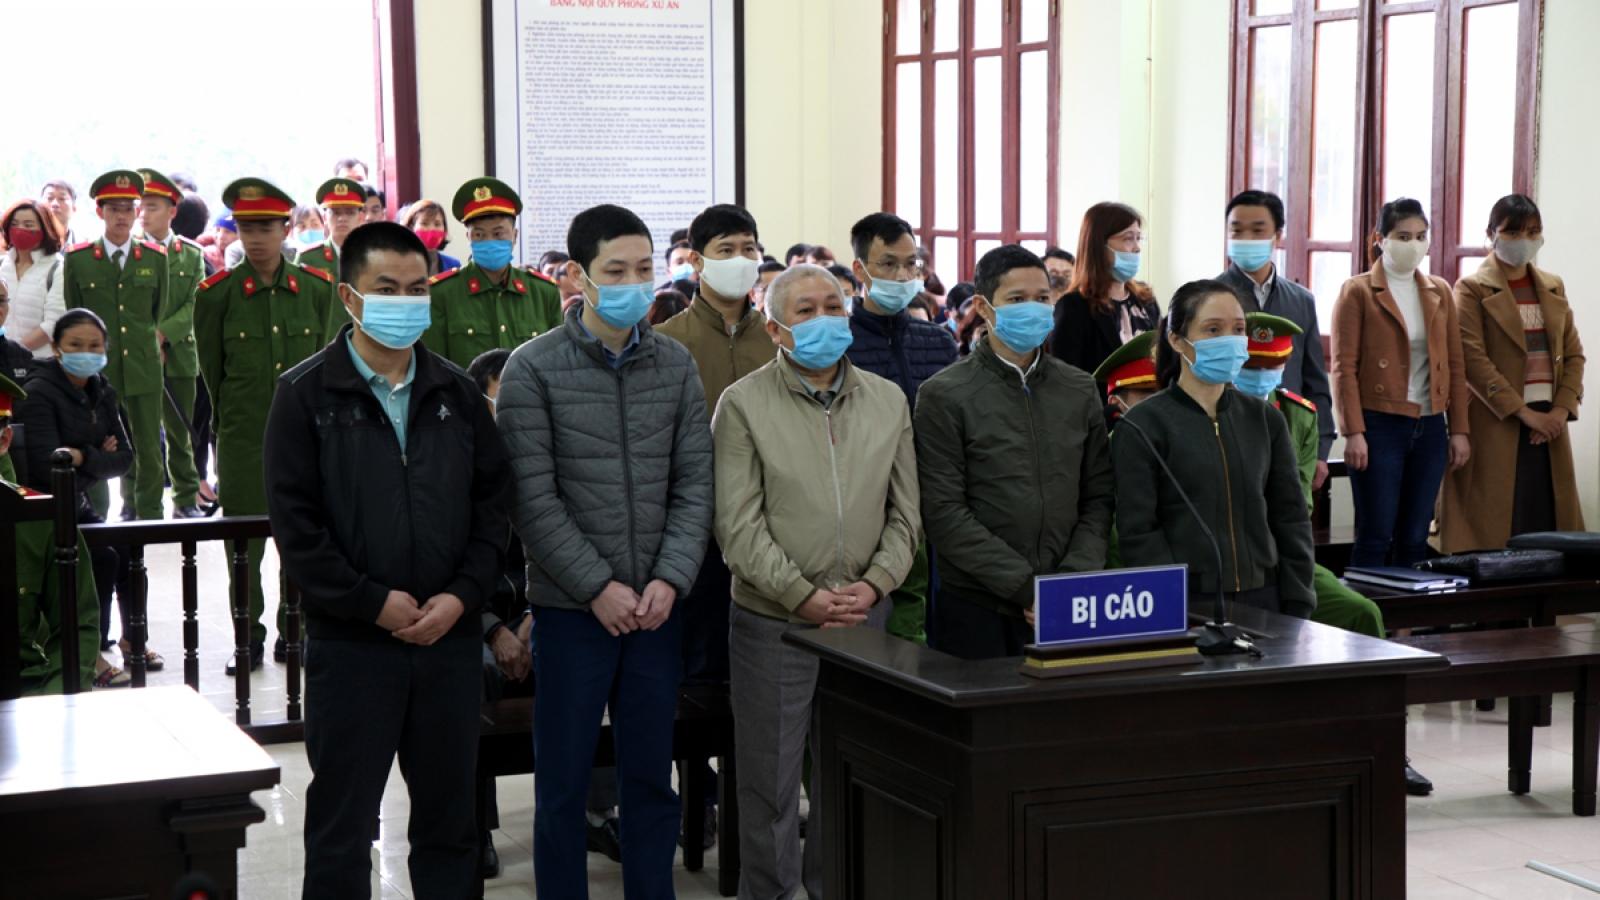 Hơn 50 năm tù cho các bị cáo trong vụ án tham ô tài sản tại Phòng Giáo dục huyện Sìn Hồ